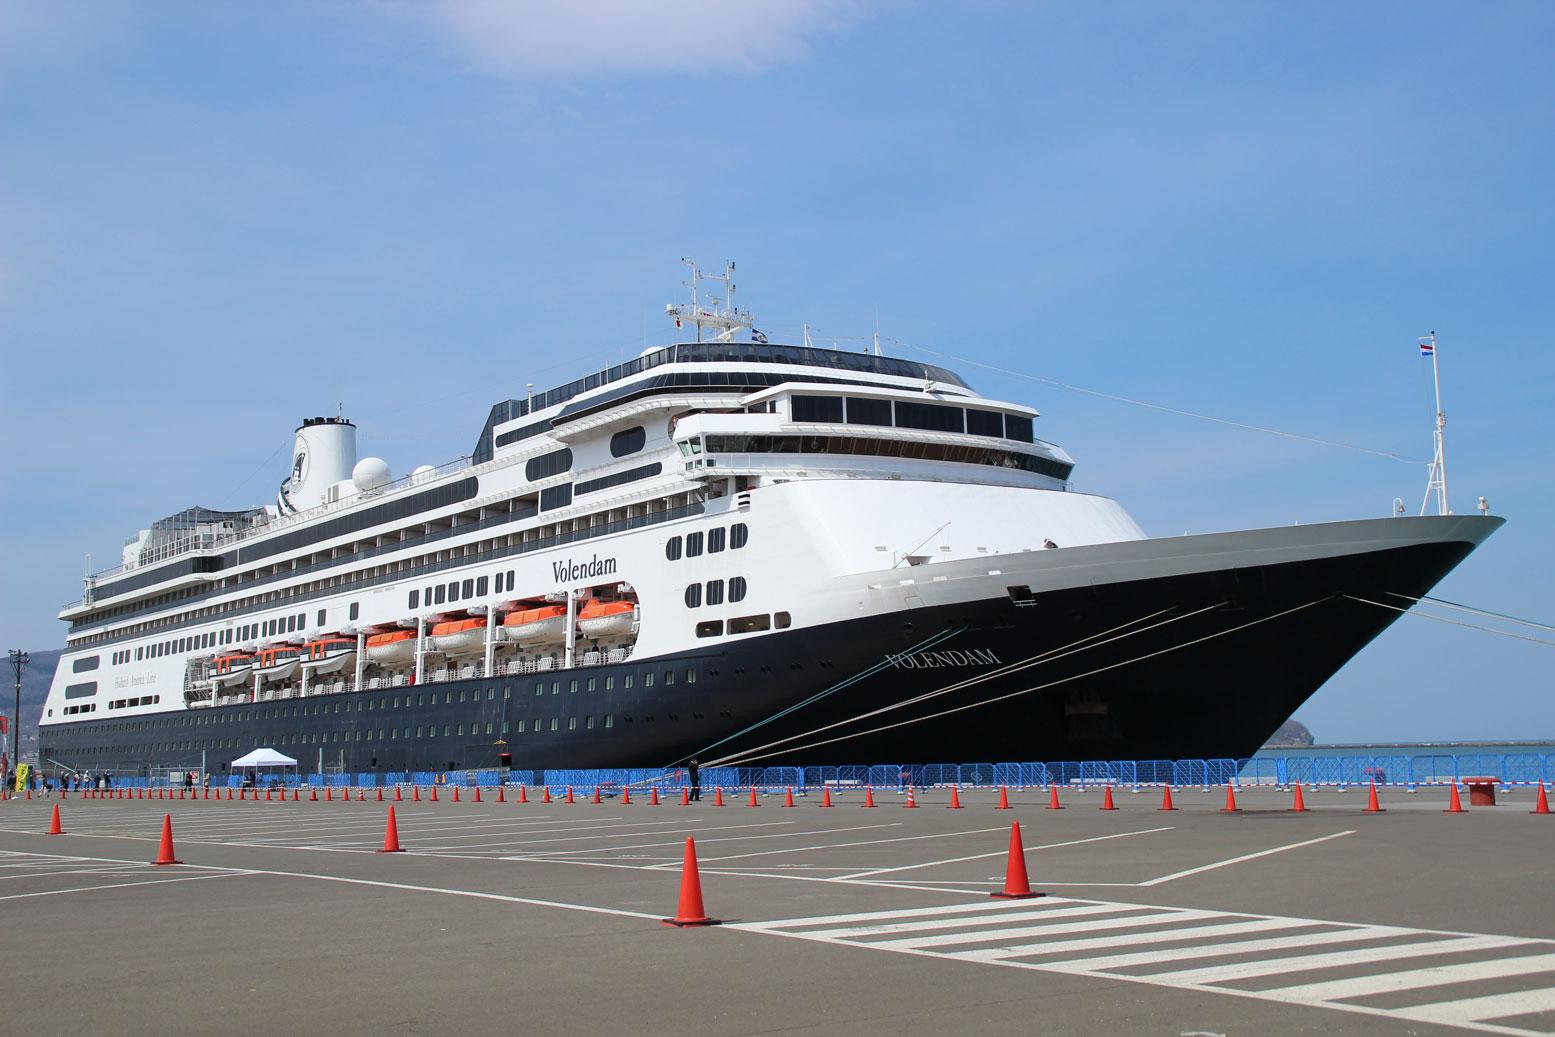 クルーズ客船「フォーレンダム」